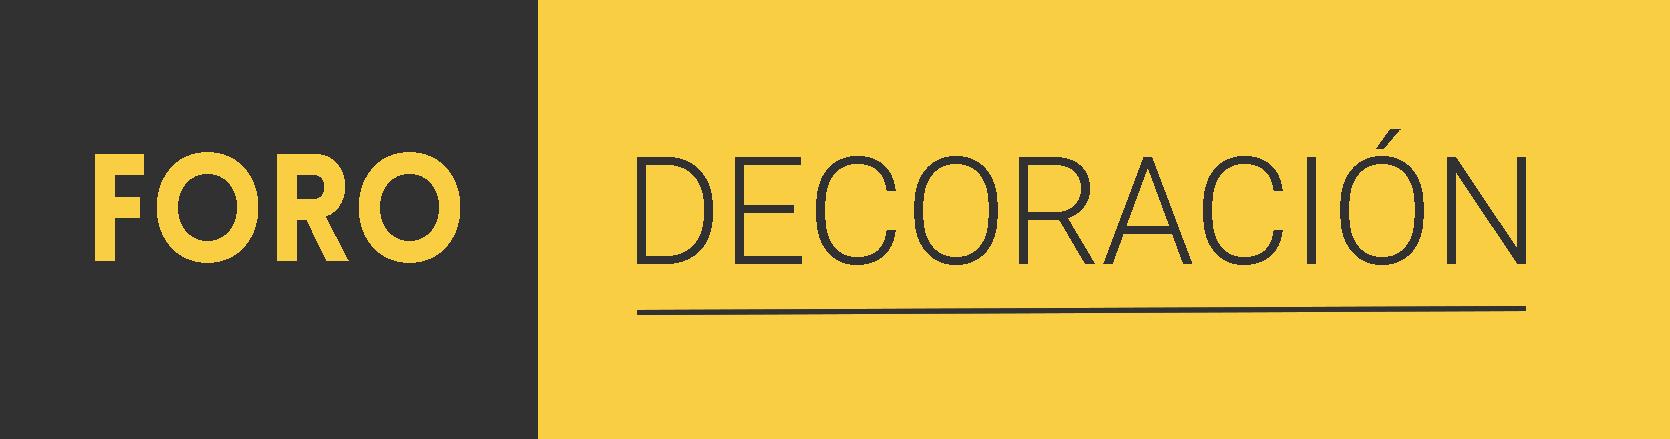 forodecoracion-logo